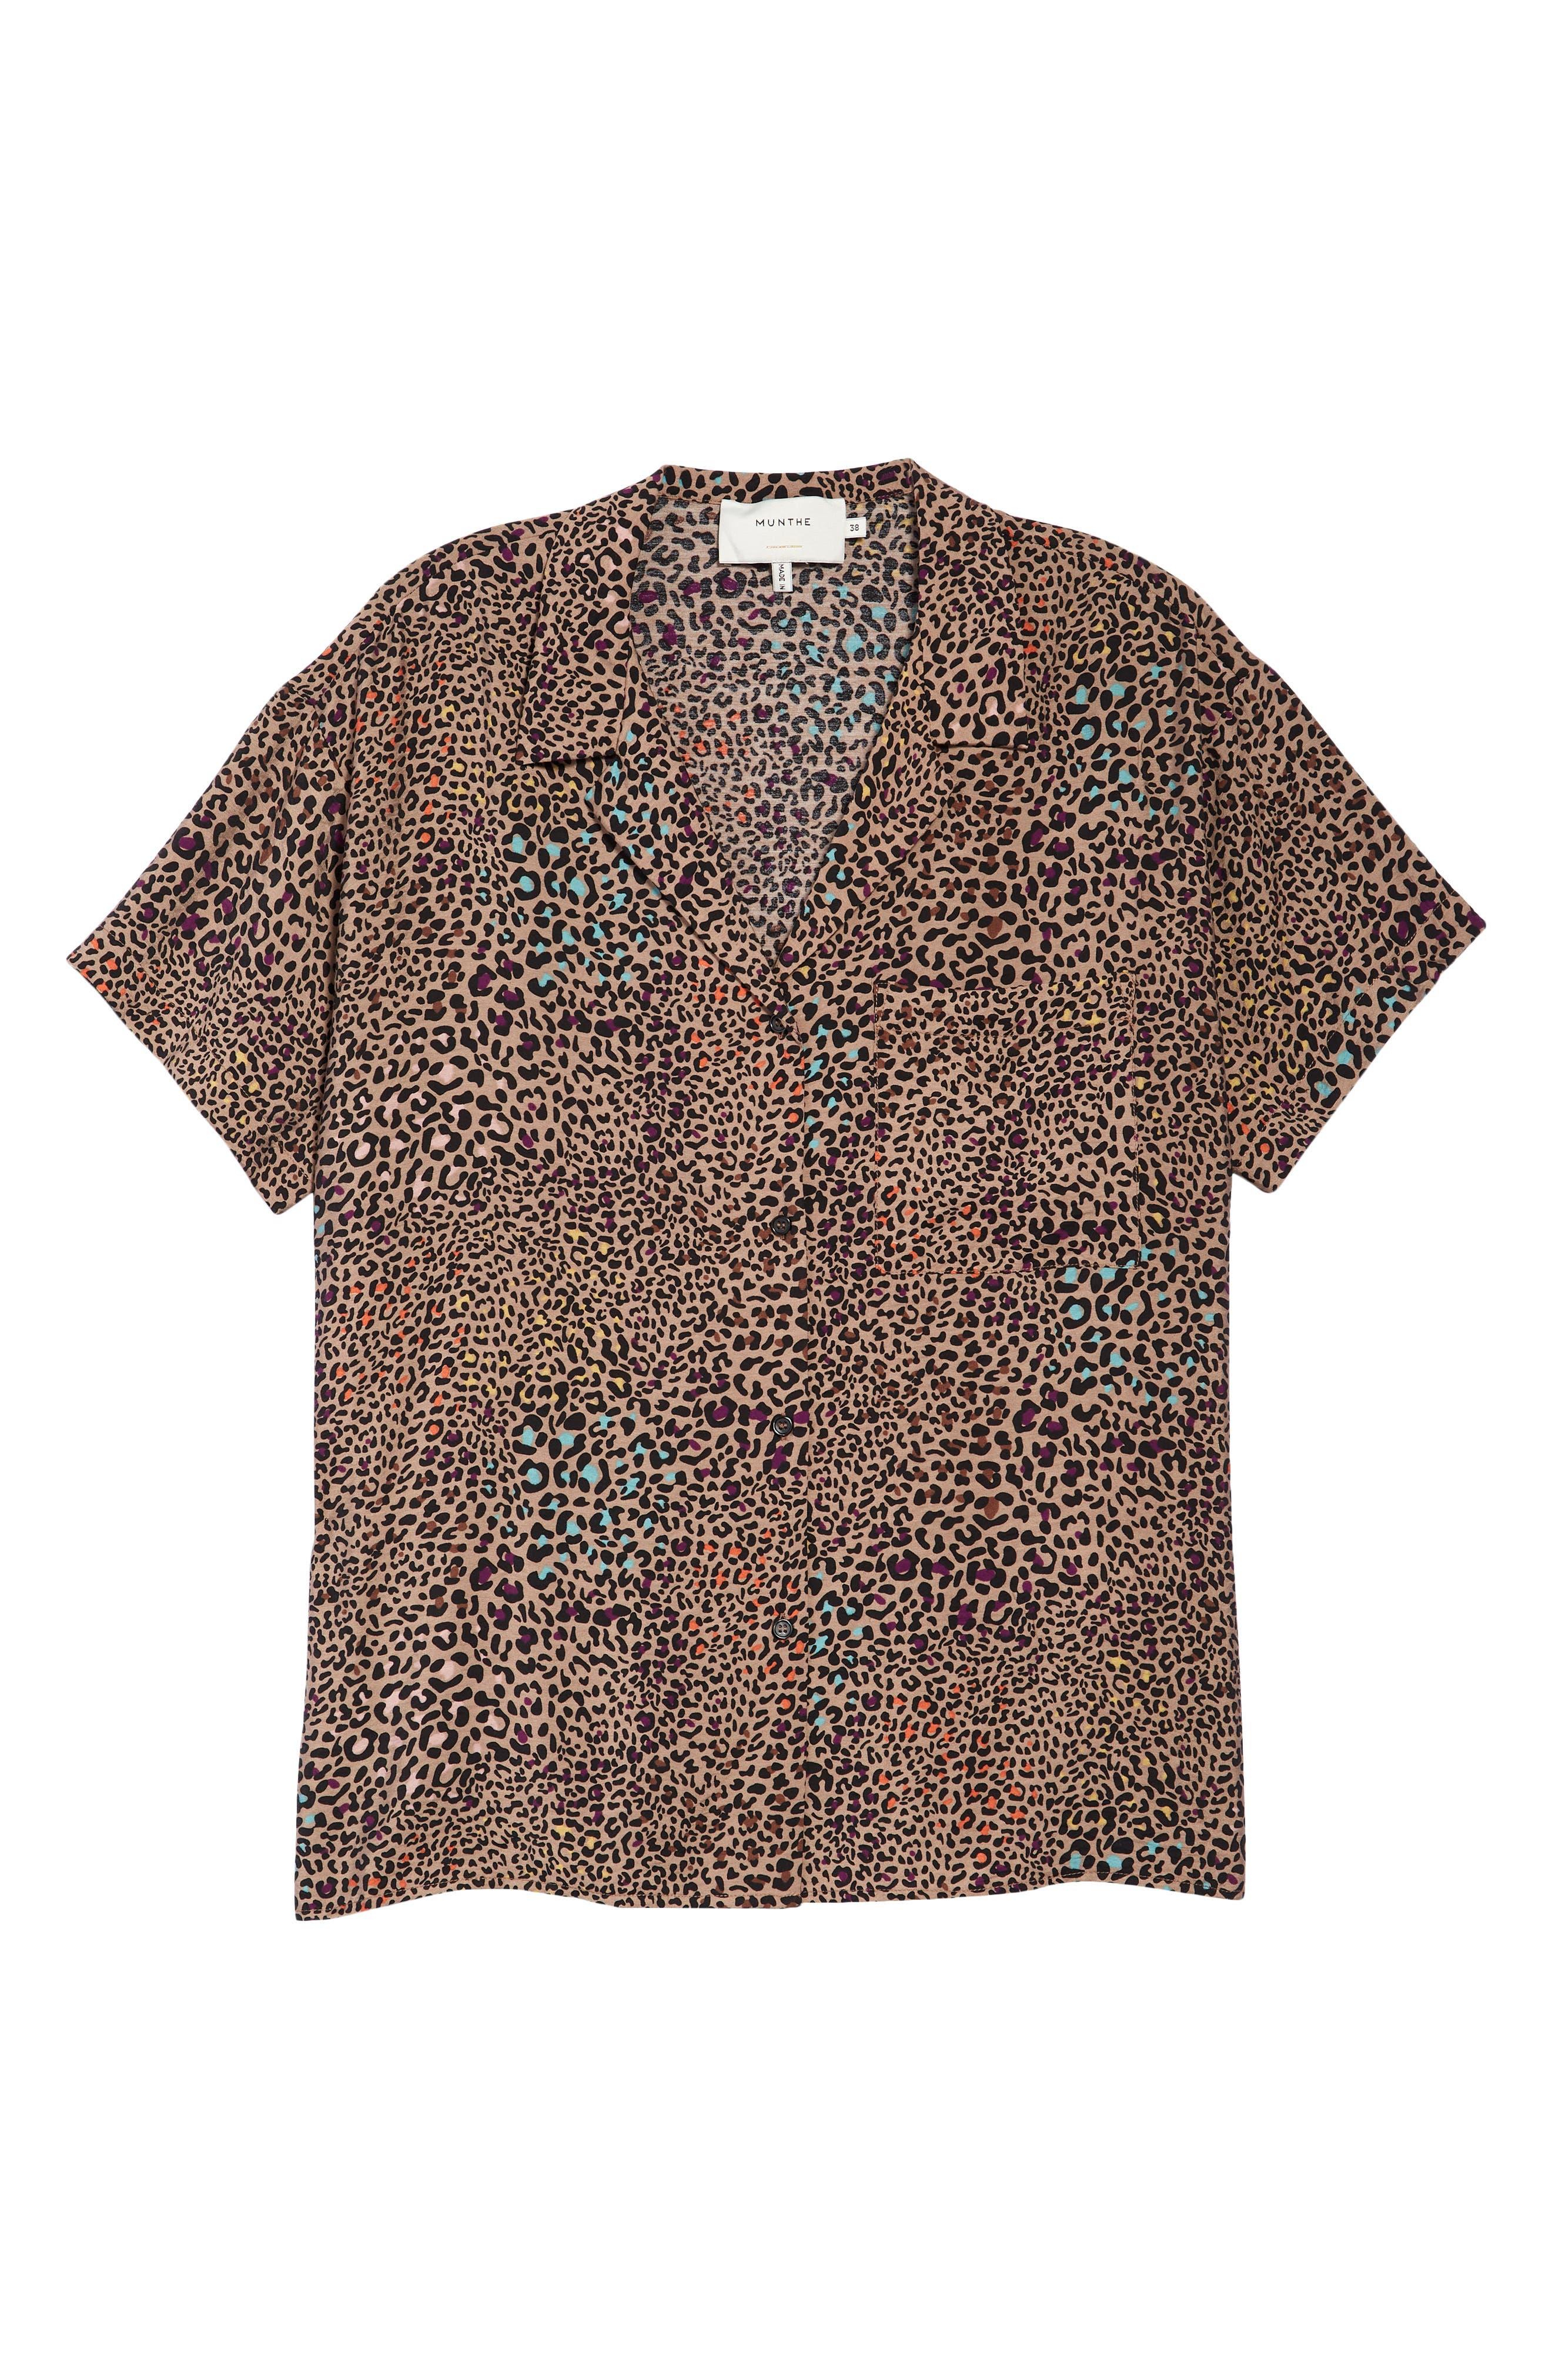 Pampas Leopard Print Camp Shirt